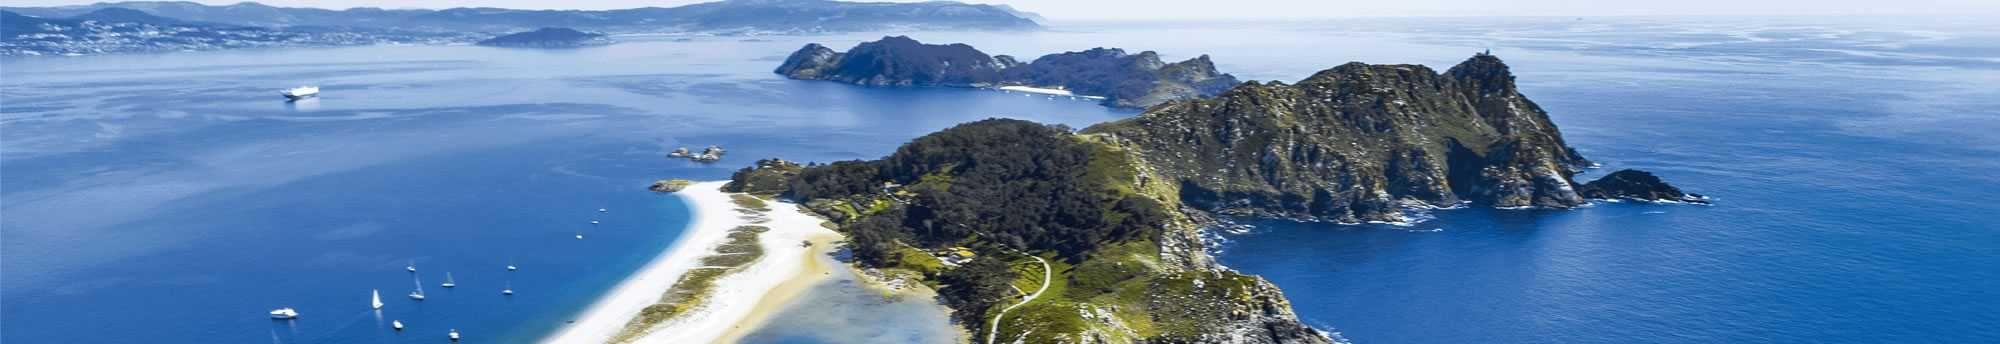 Hotel + Viaje a las Islas Cíes